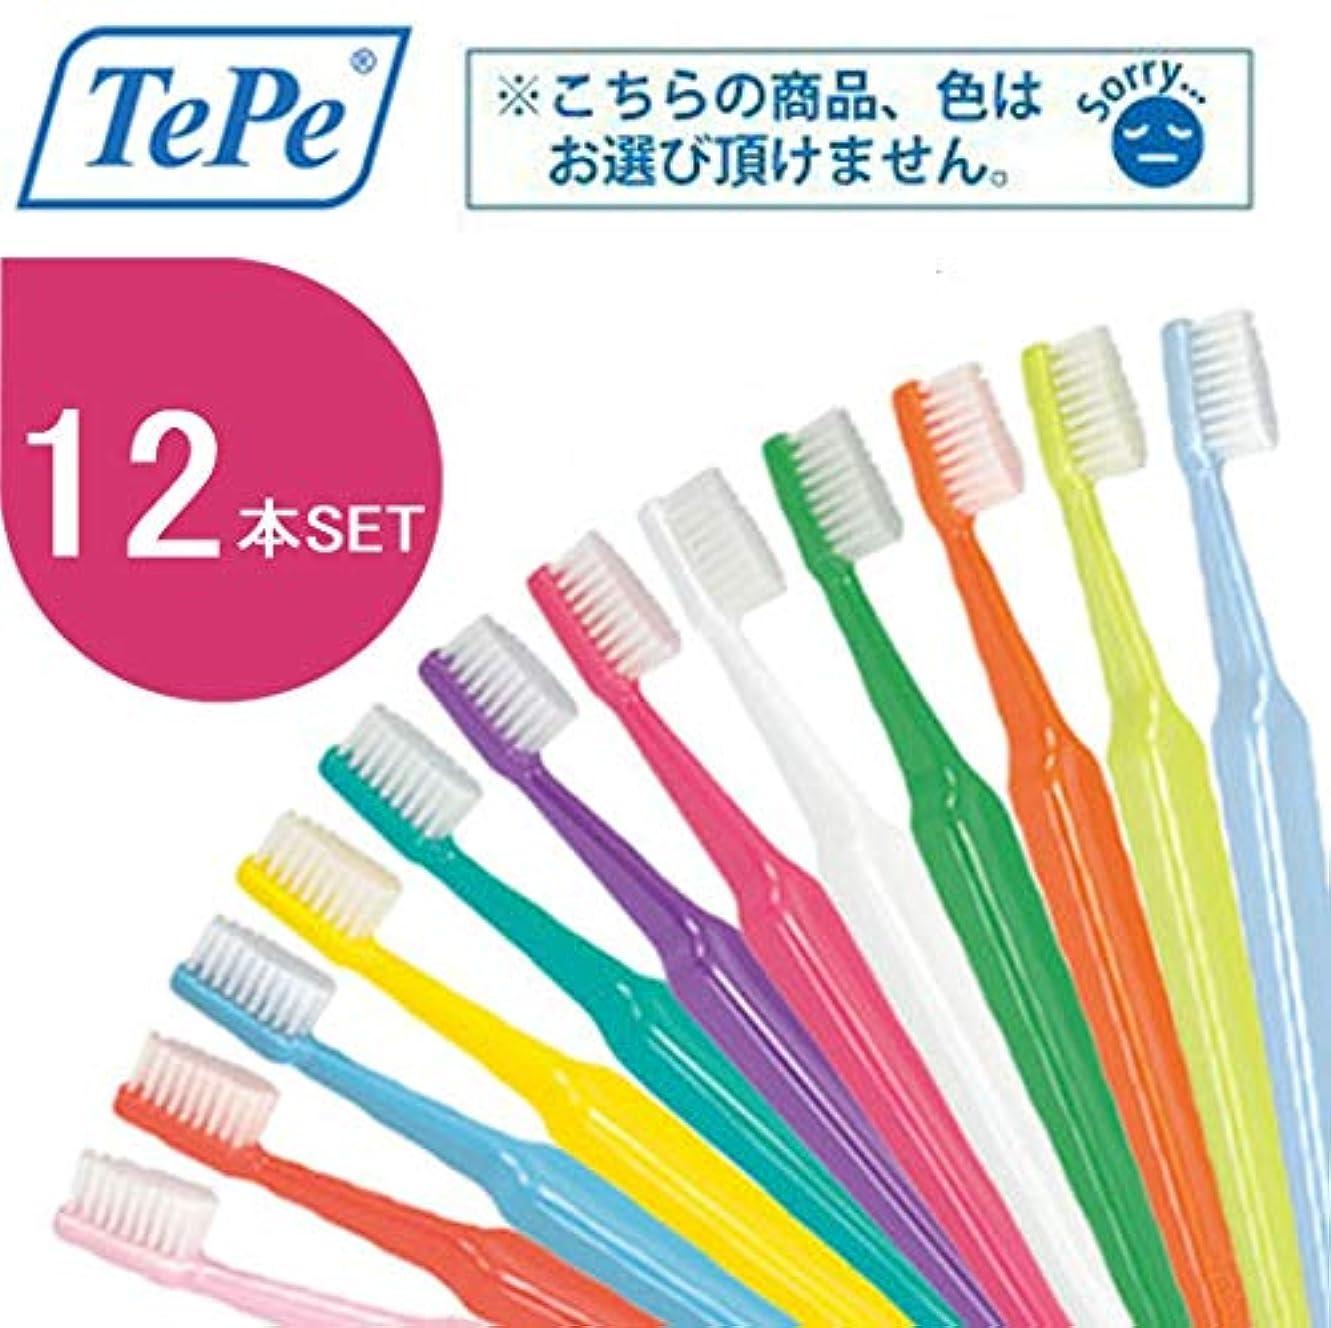 一掃するストリップ粗いクロスフィールド TePe テペ セレクト 歯ブラシ 12本 (ミディアム)